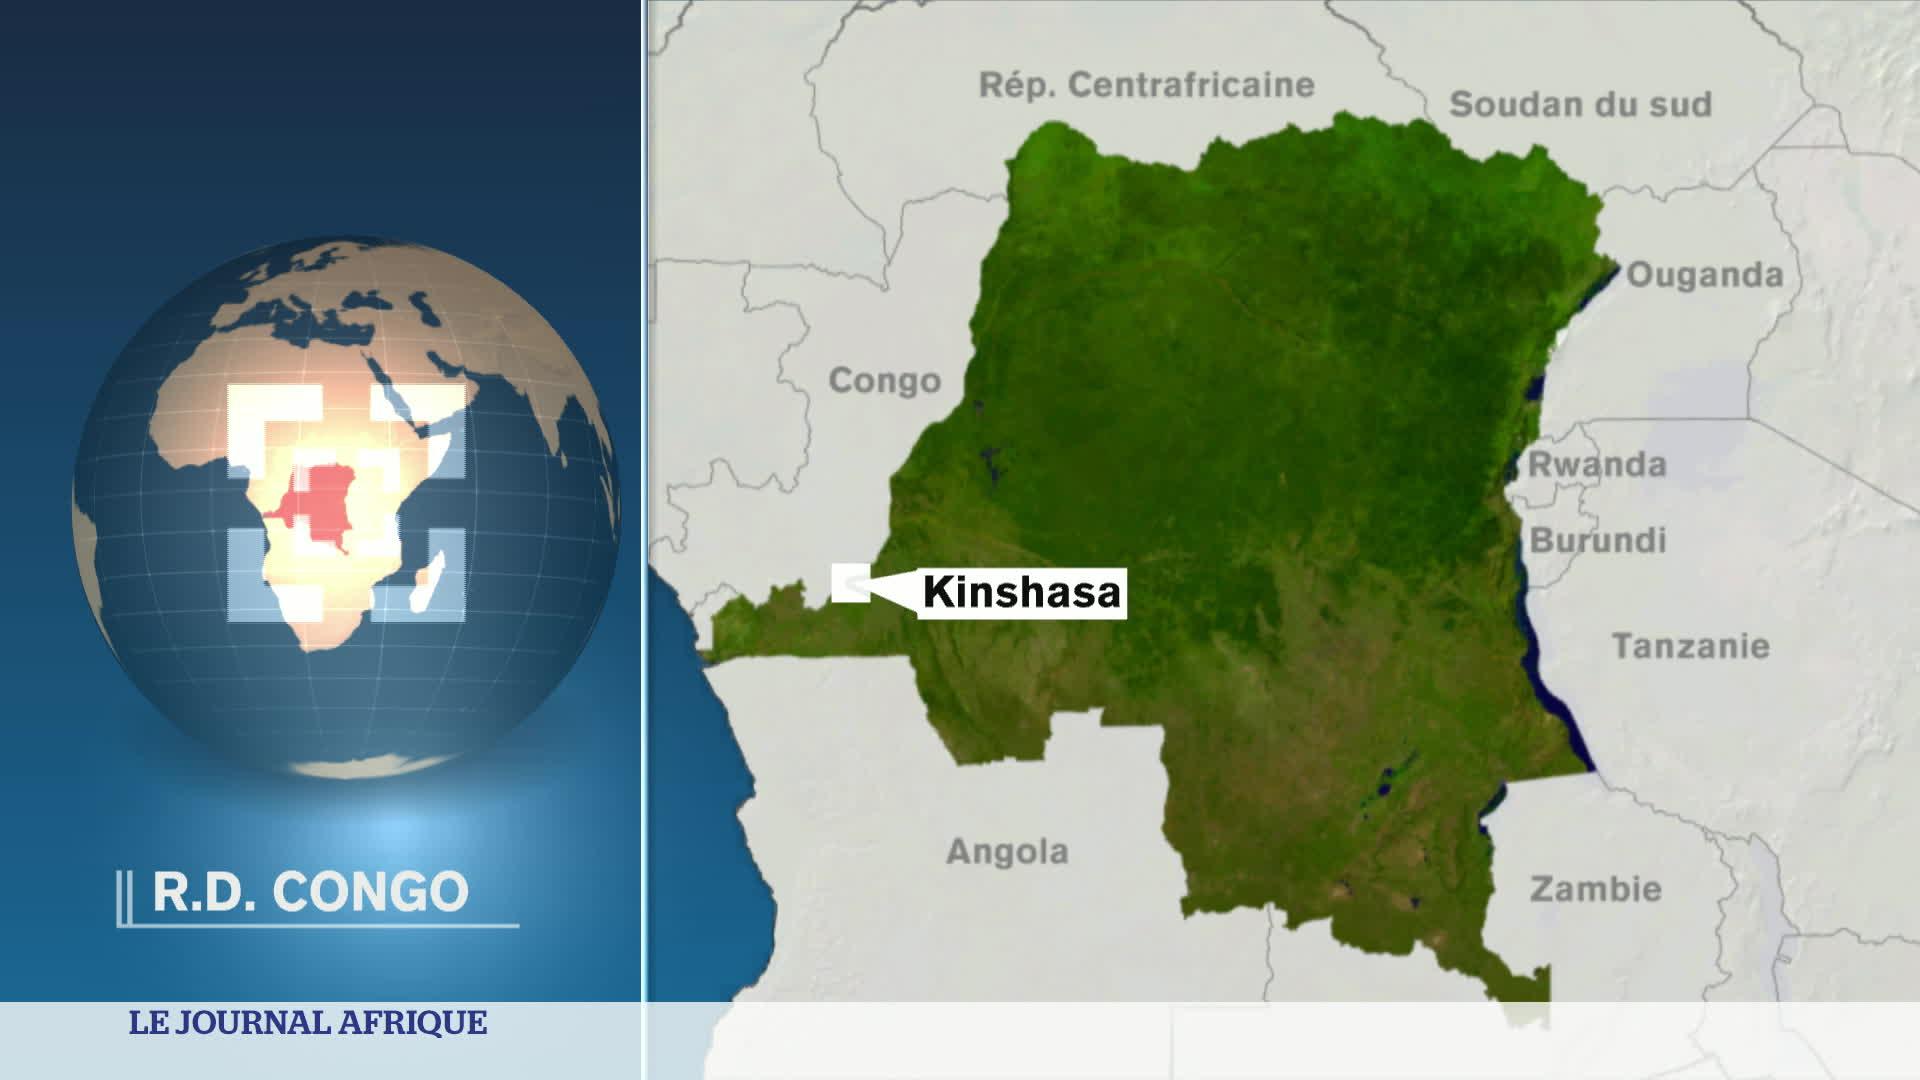 RDC : faut-il y voir un lien avec le retou du corps d'Etienne Tshisekedi?